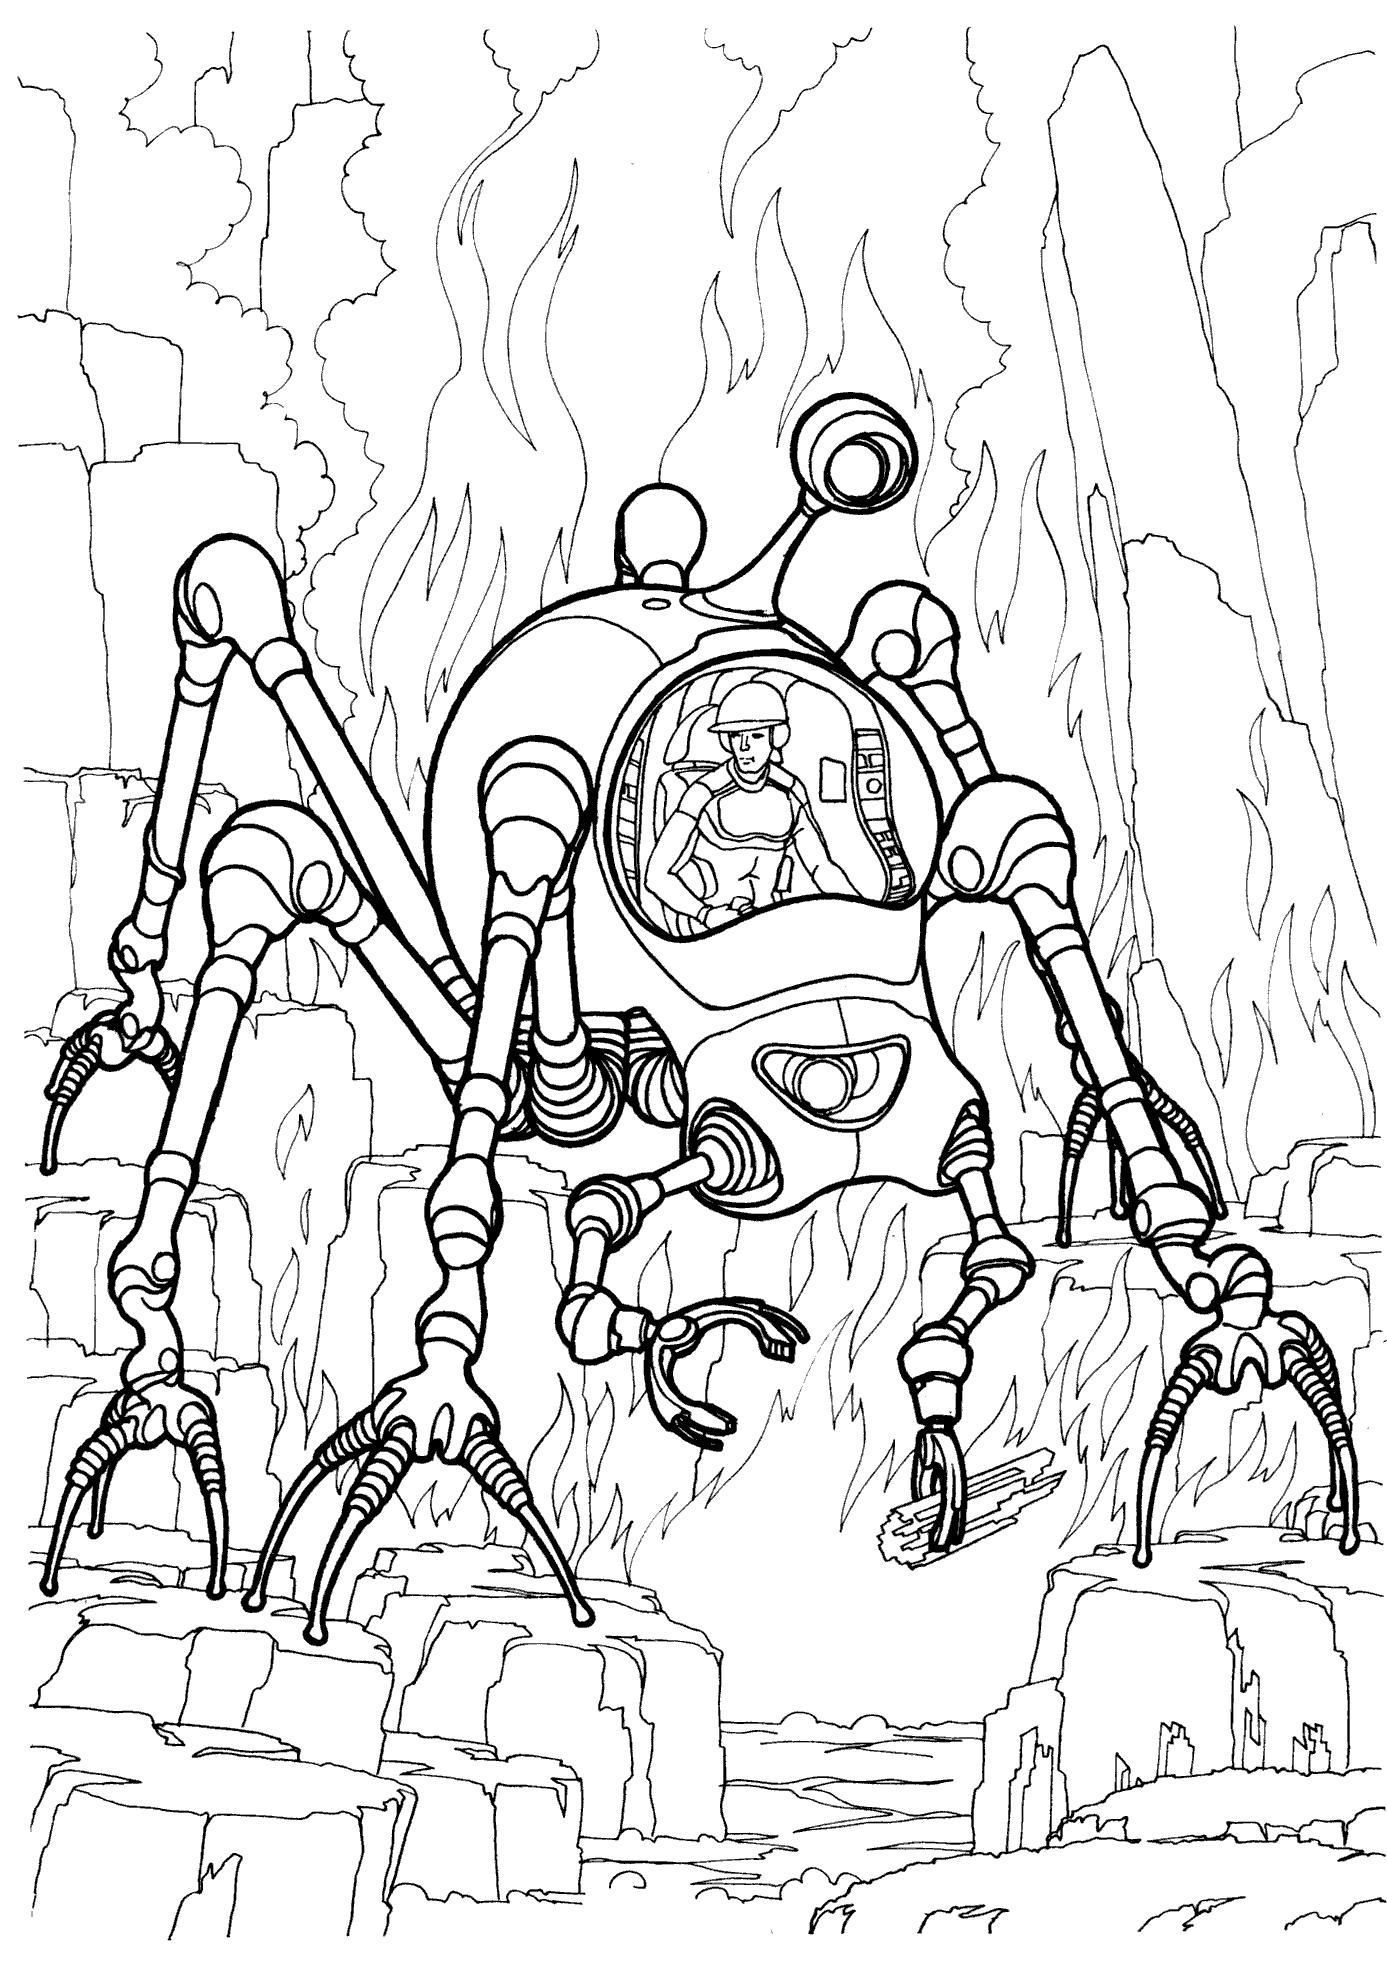 раскраски на тему космические корабли для детей.  Интересные раскраски с космическими кораблями для мальчиков и девочек.